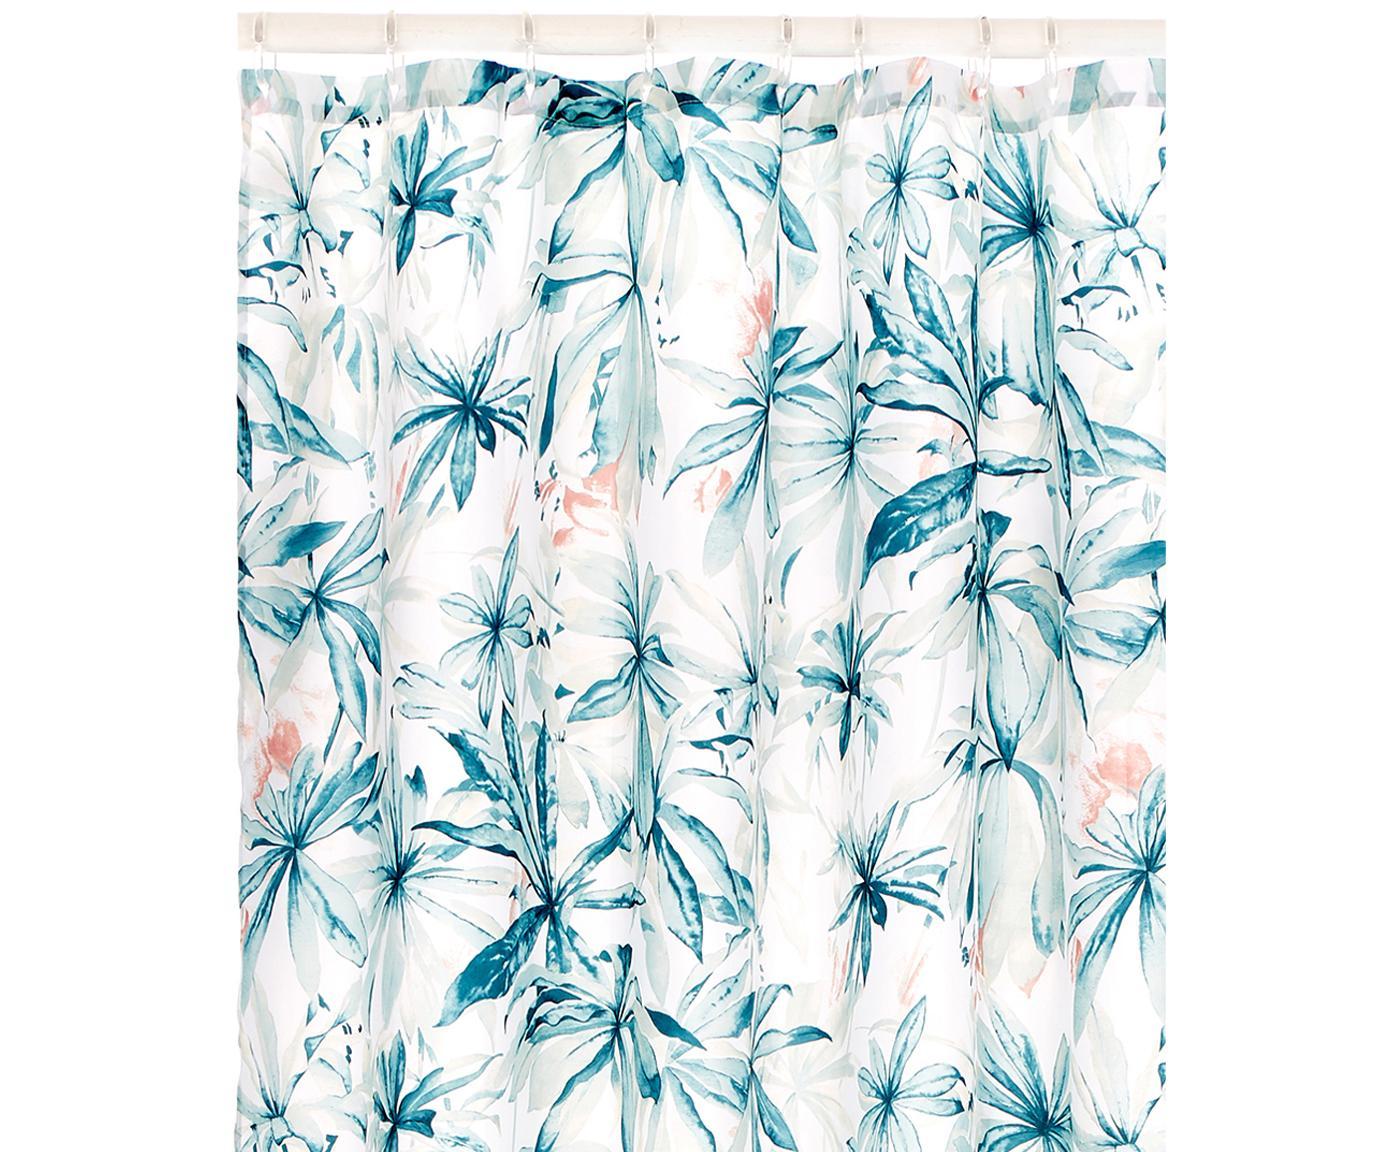 Tenda da doccia con fantasia tropicale Foglia, 100% poliestere Idrorepellente non impermeabile, Bianco, multicolore, Larg. 180 x Lung. 200 cm